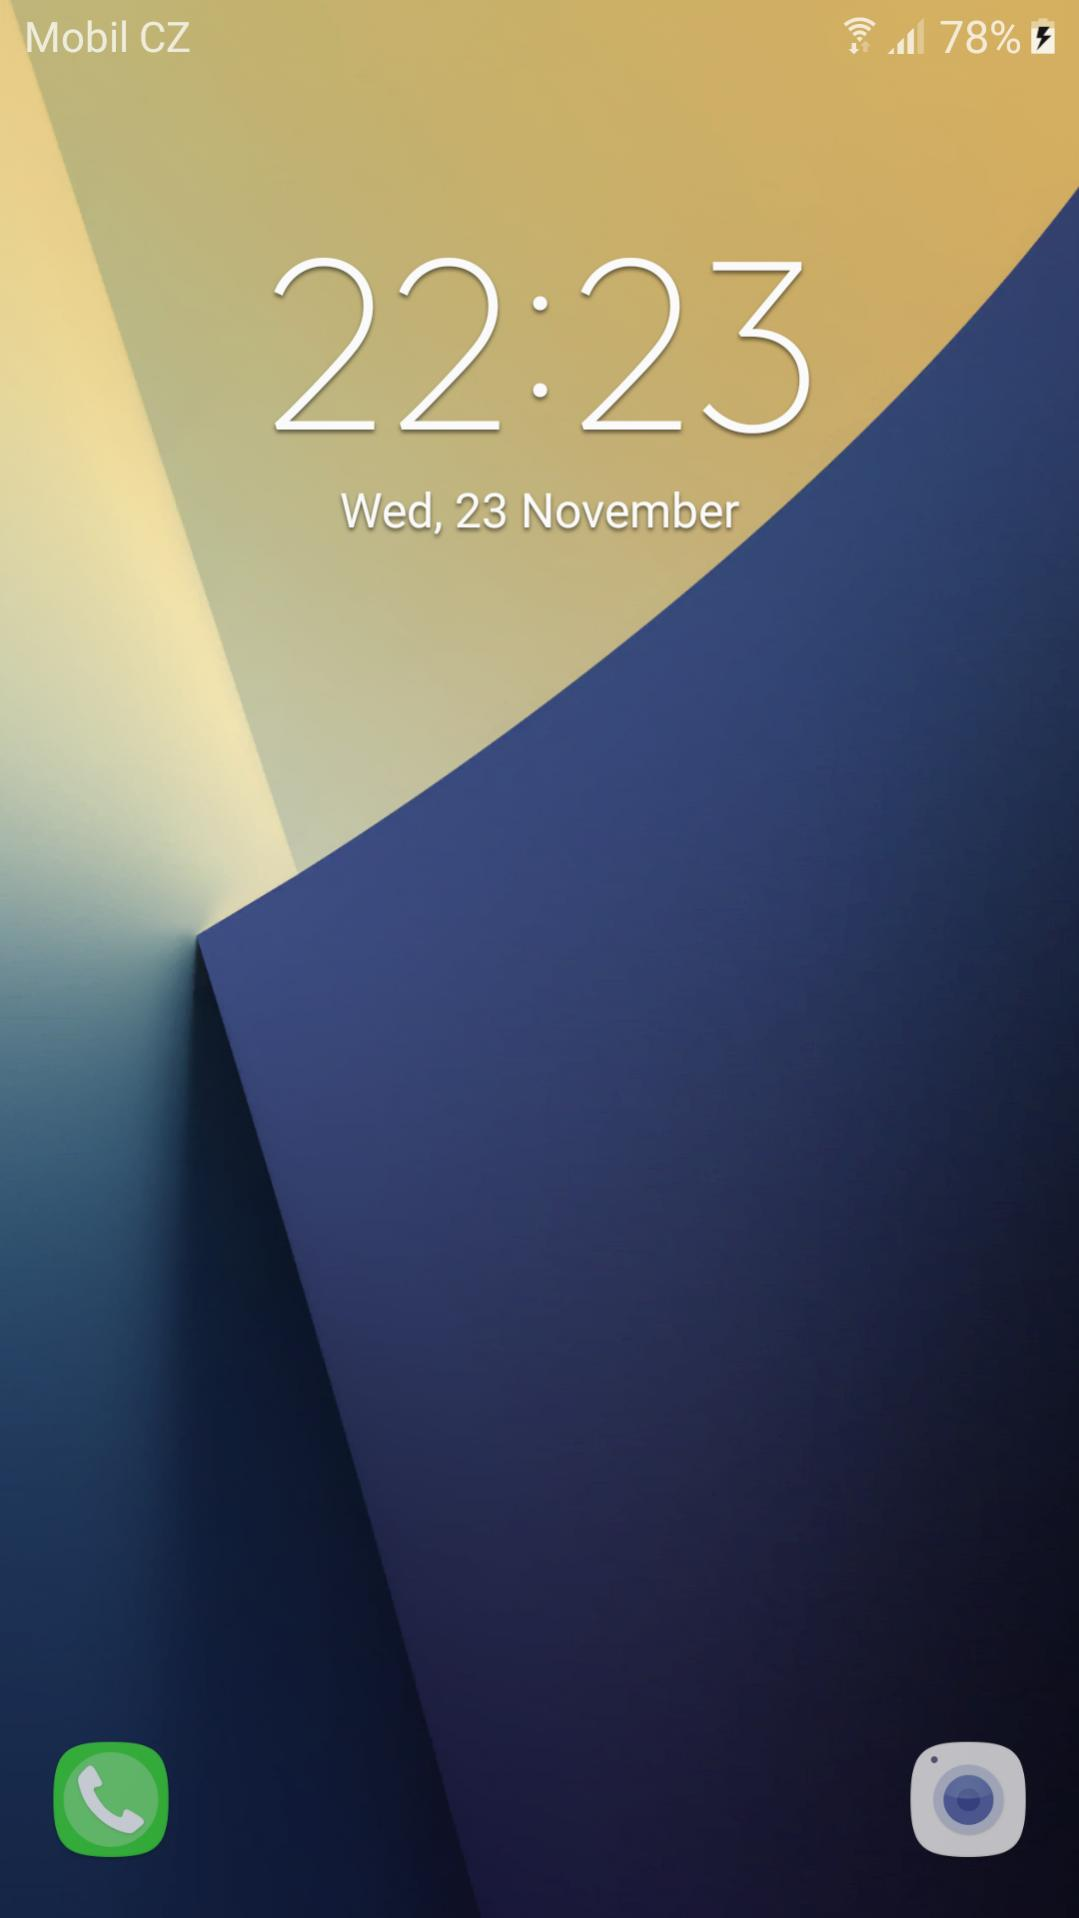 Galaxy-S5-Grace-UX-3-1